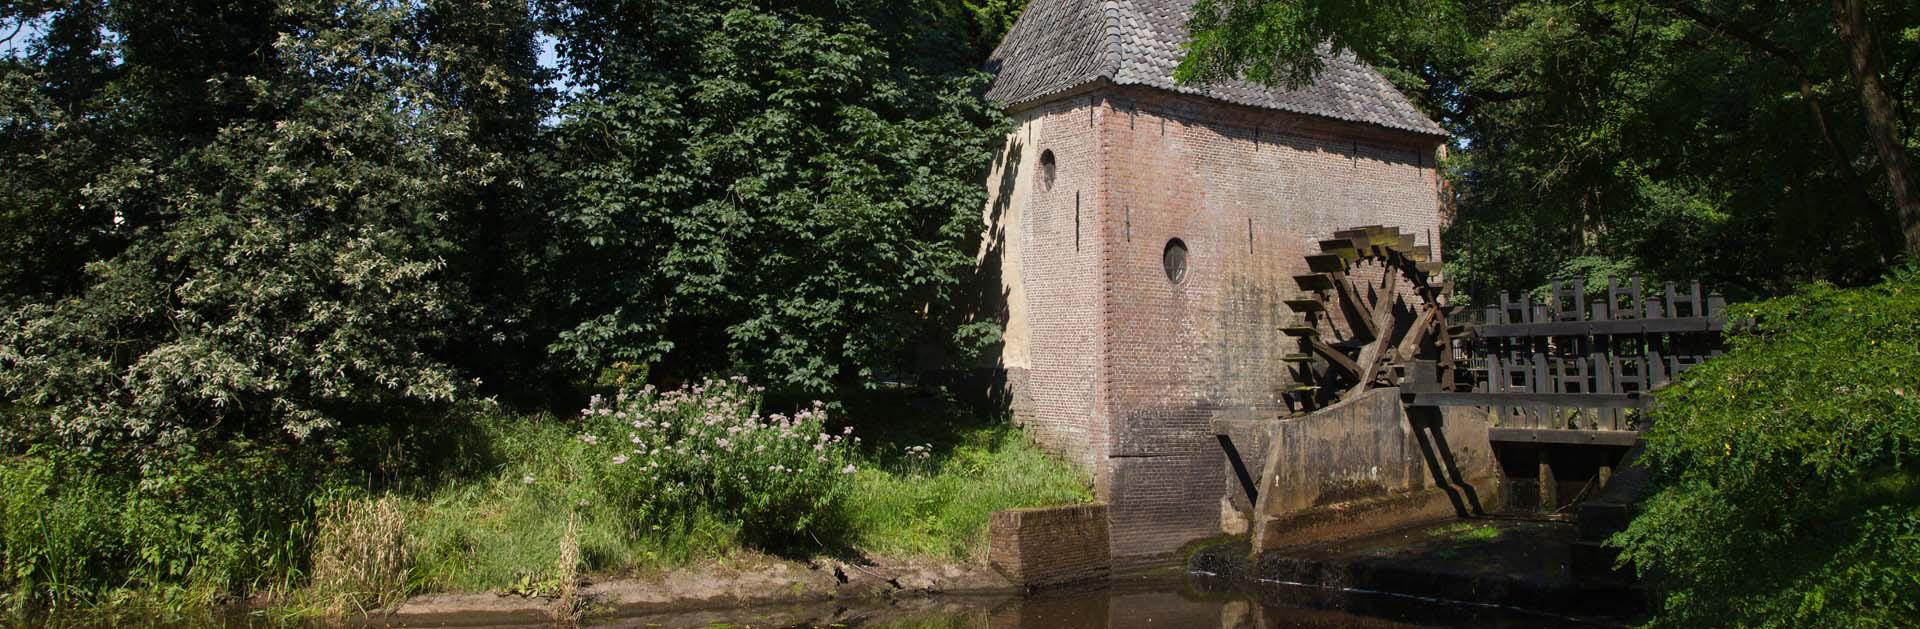 Watermolen Kasteel Hackfort - Vorden